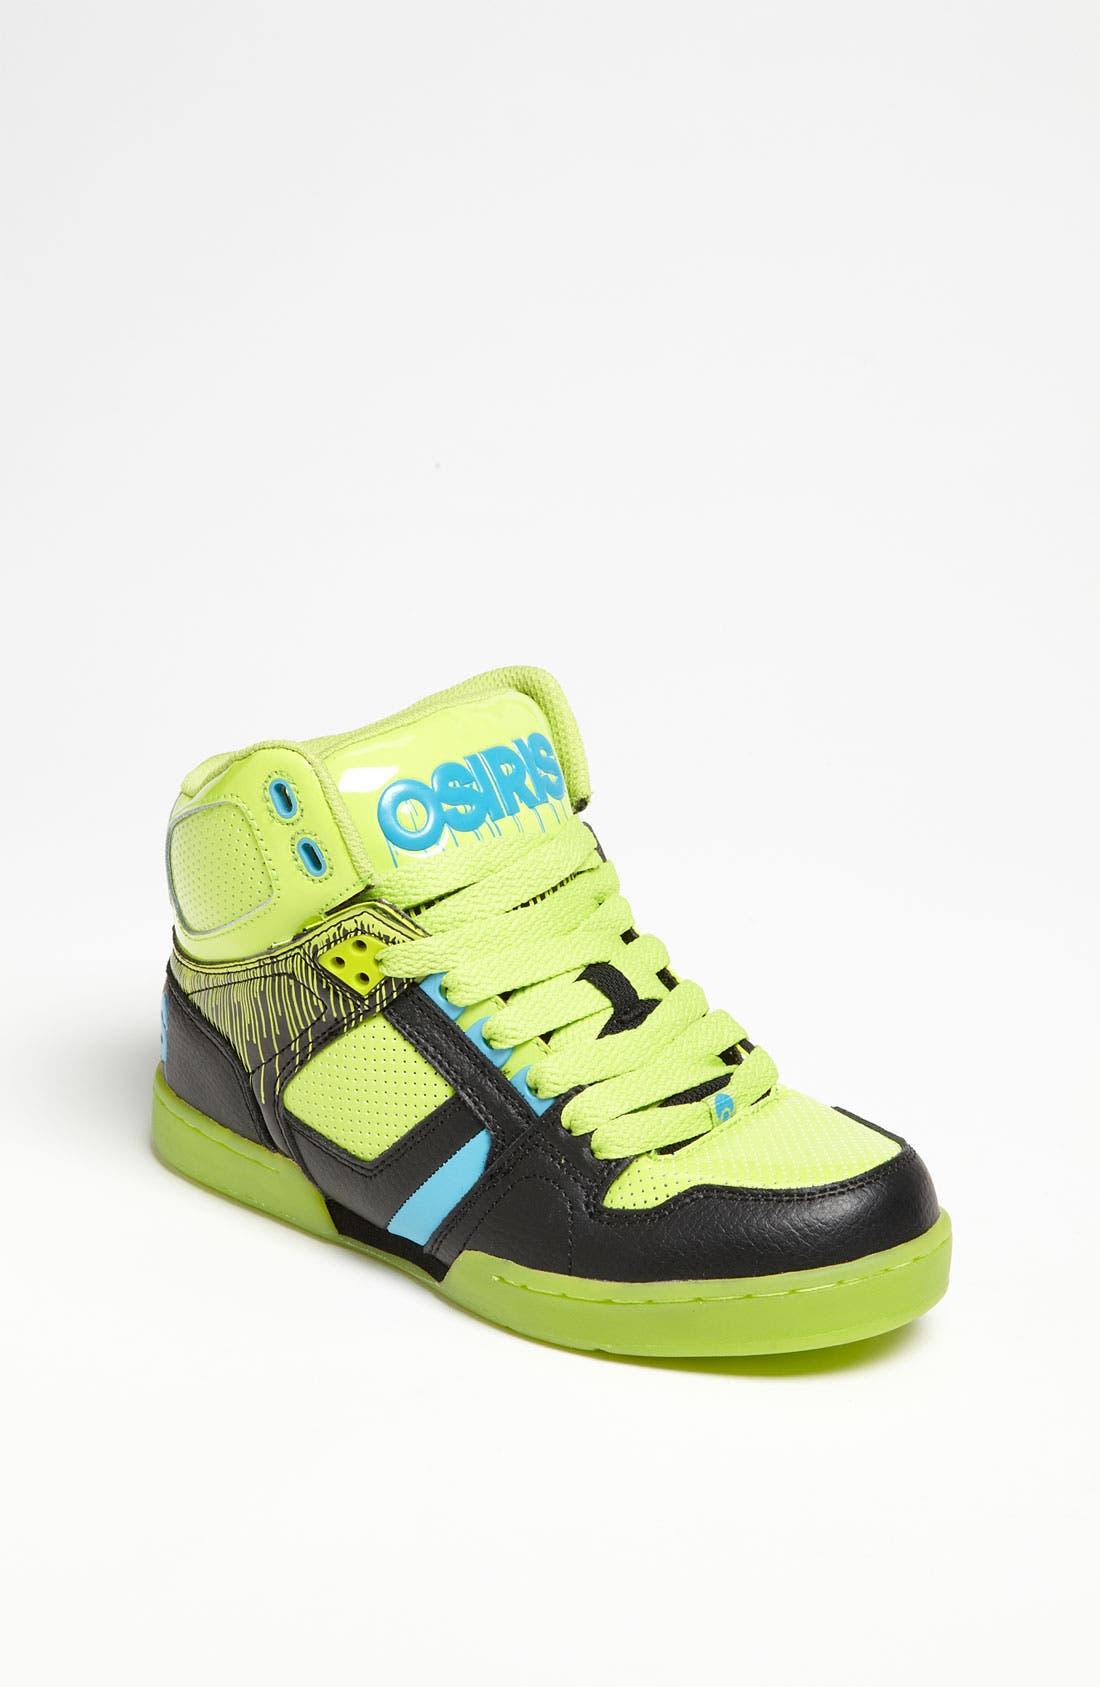 Main Image - Osiris 'NYC 83' Skate Shoe (Toddler, Little Kid & Big Kid)